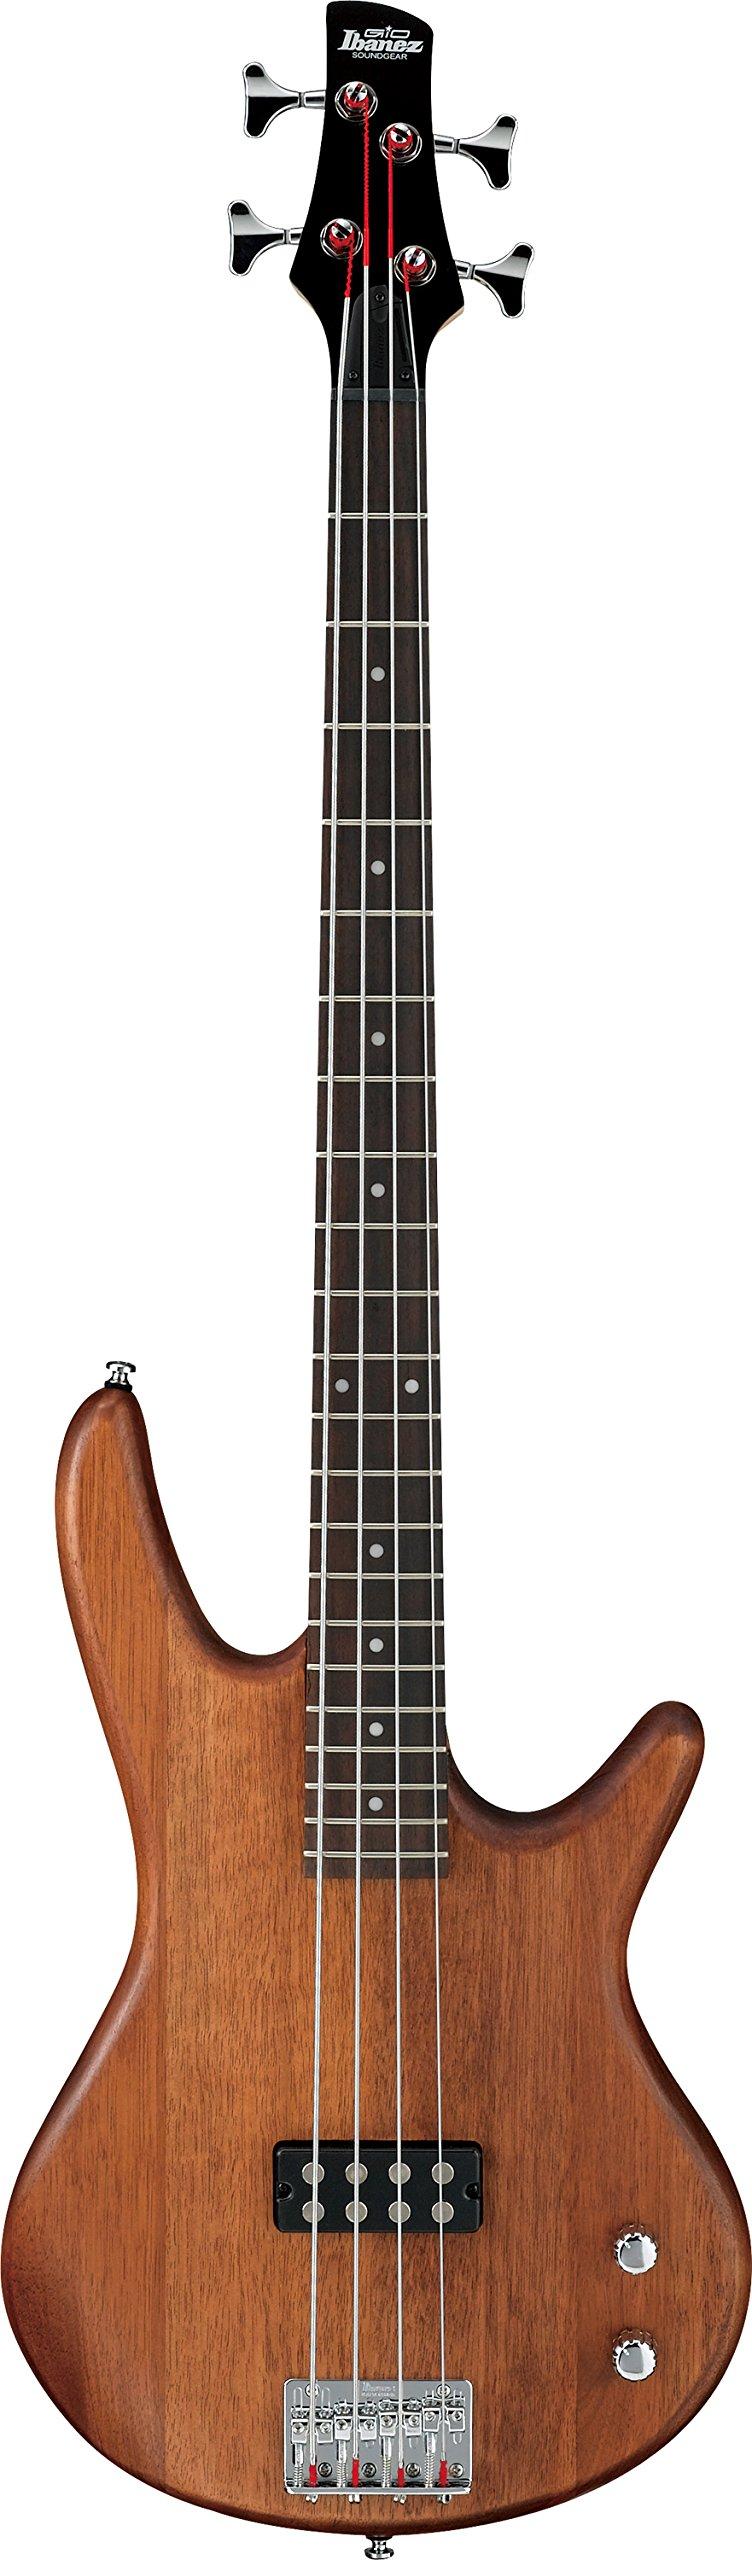 Ibanez 4 String Bass Guitar, Right Handed, Mahogany Oil (GSR100EXMOL)